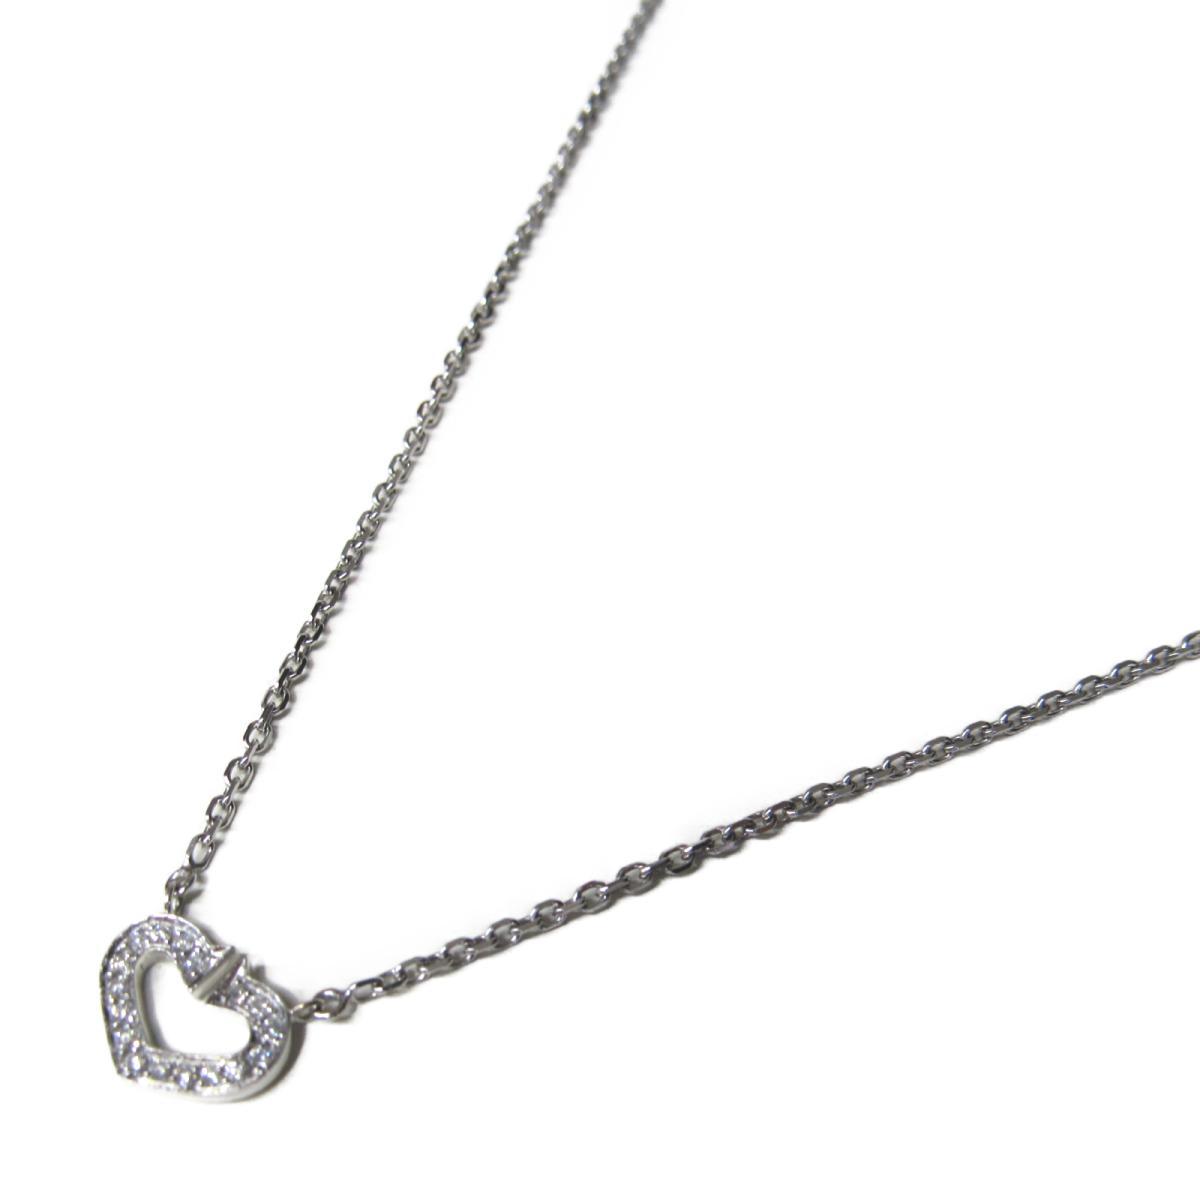 【中古】 カルティエ Cハート ダイヤモンド ネックレス レディース K18WG (750) ホワイトゴールド x   Cartier BRANDOFF ブランドオフ ブランド アクセサリー ペンダント